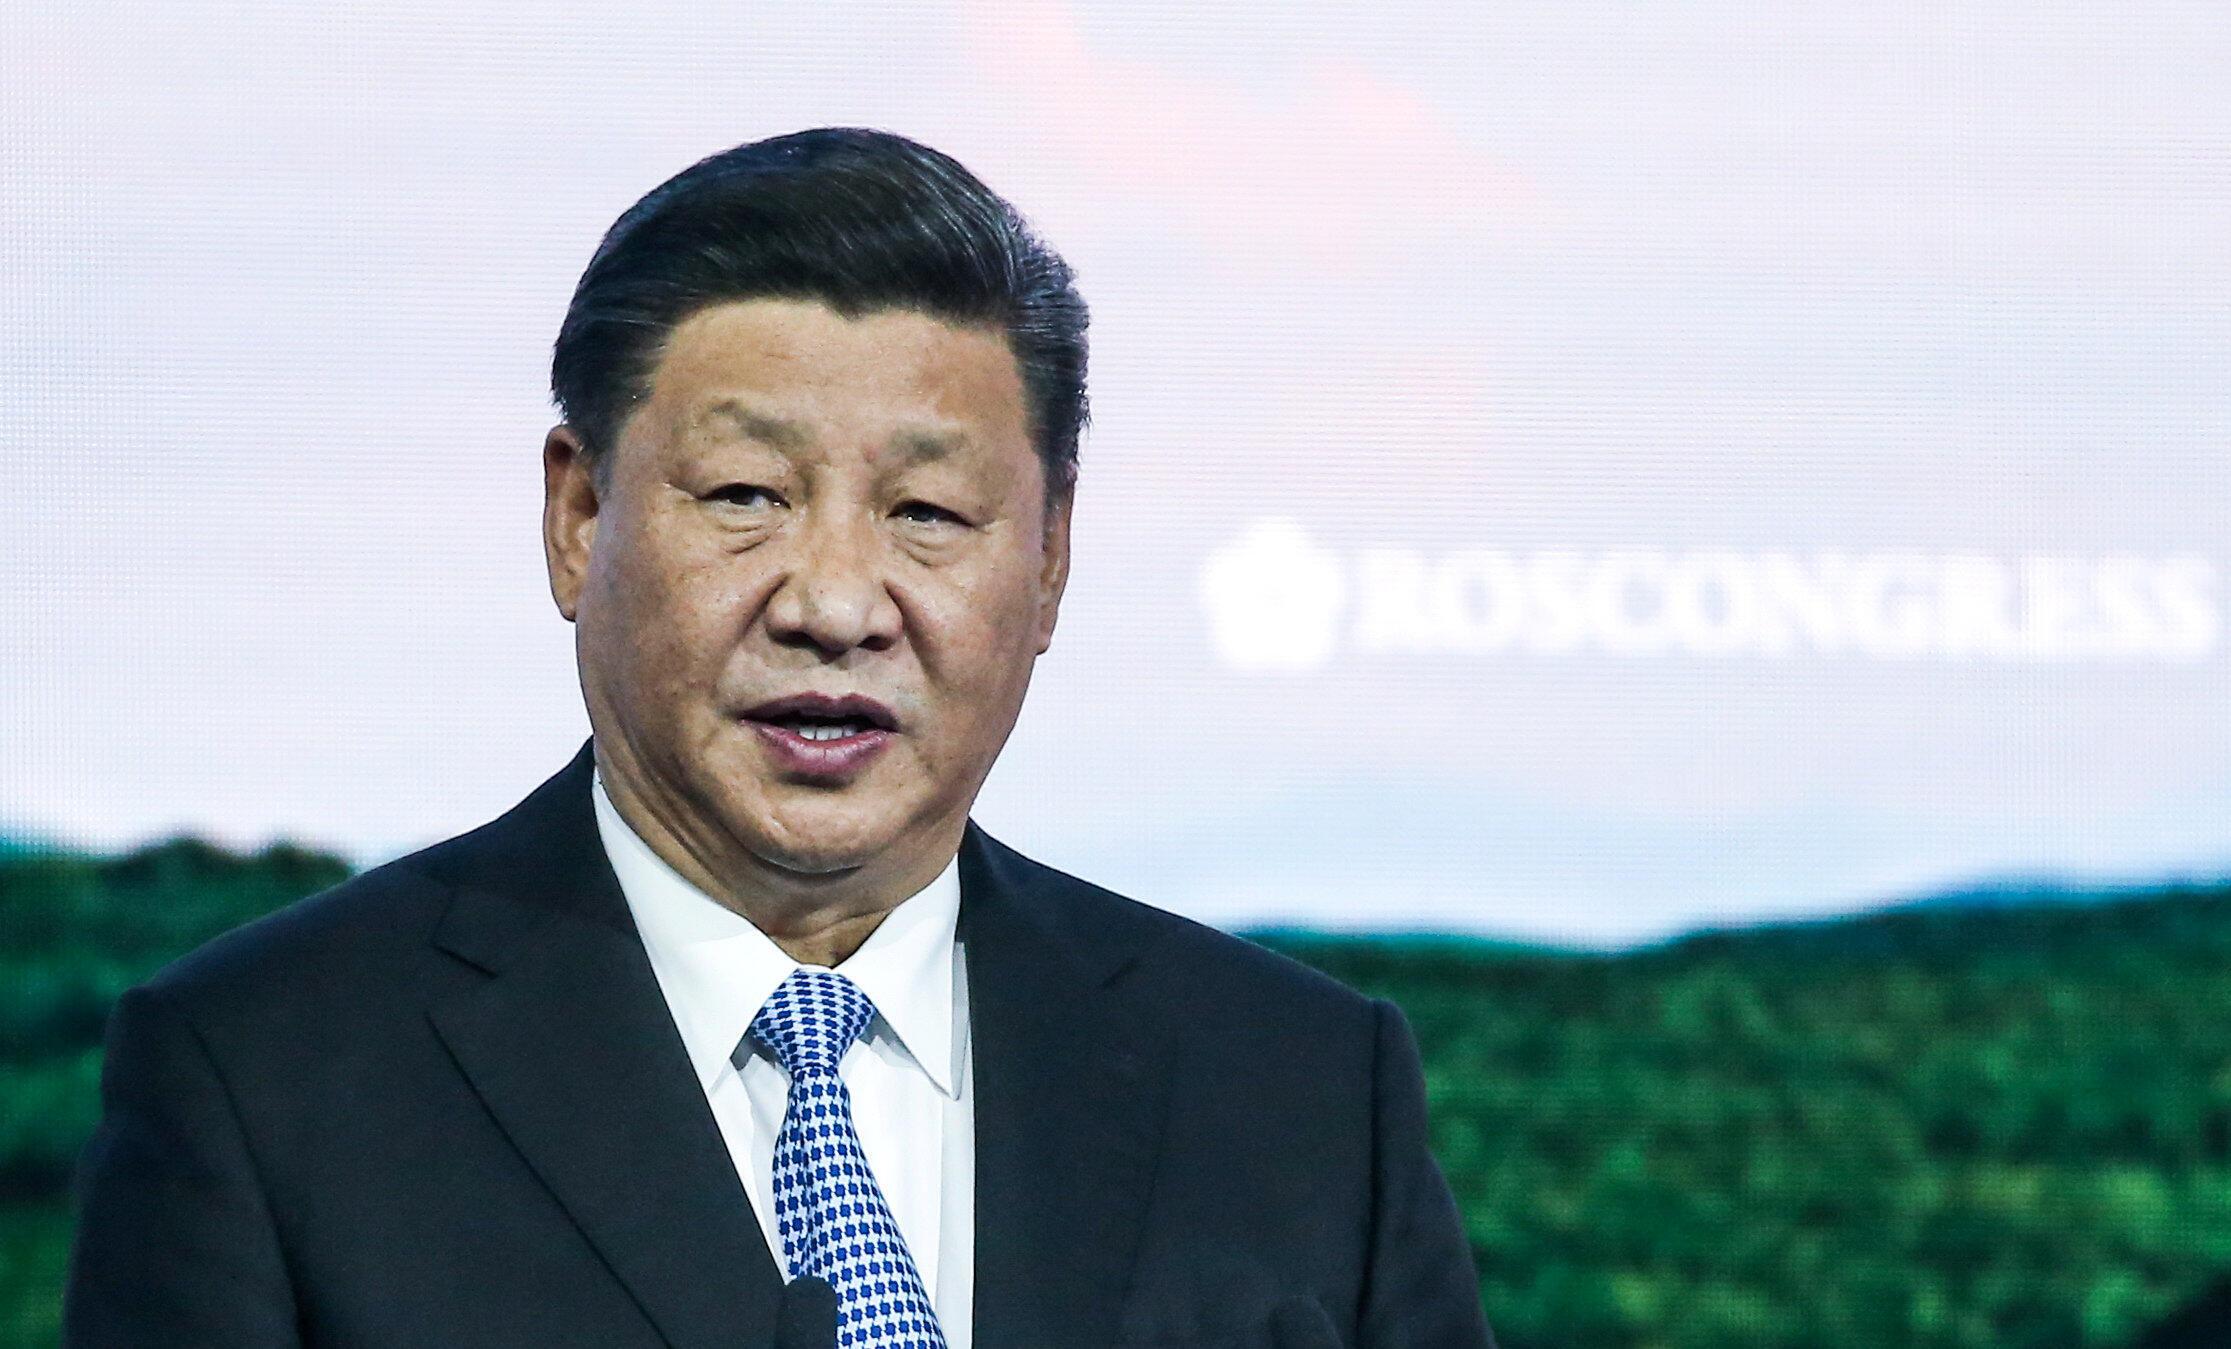 社會層面產生的恐慌,據指與中國國家主席習近平向左轉的做法有關。